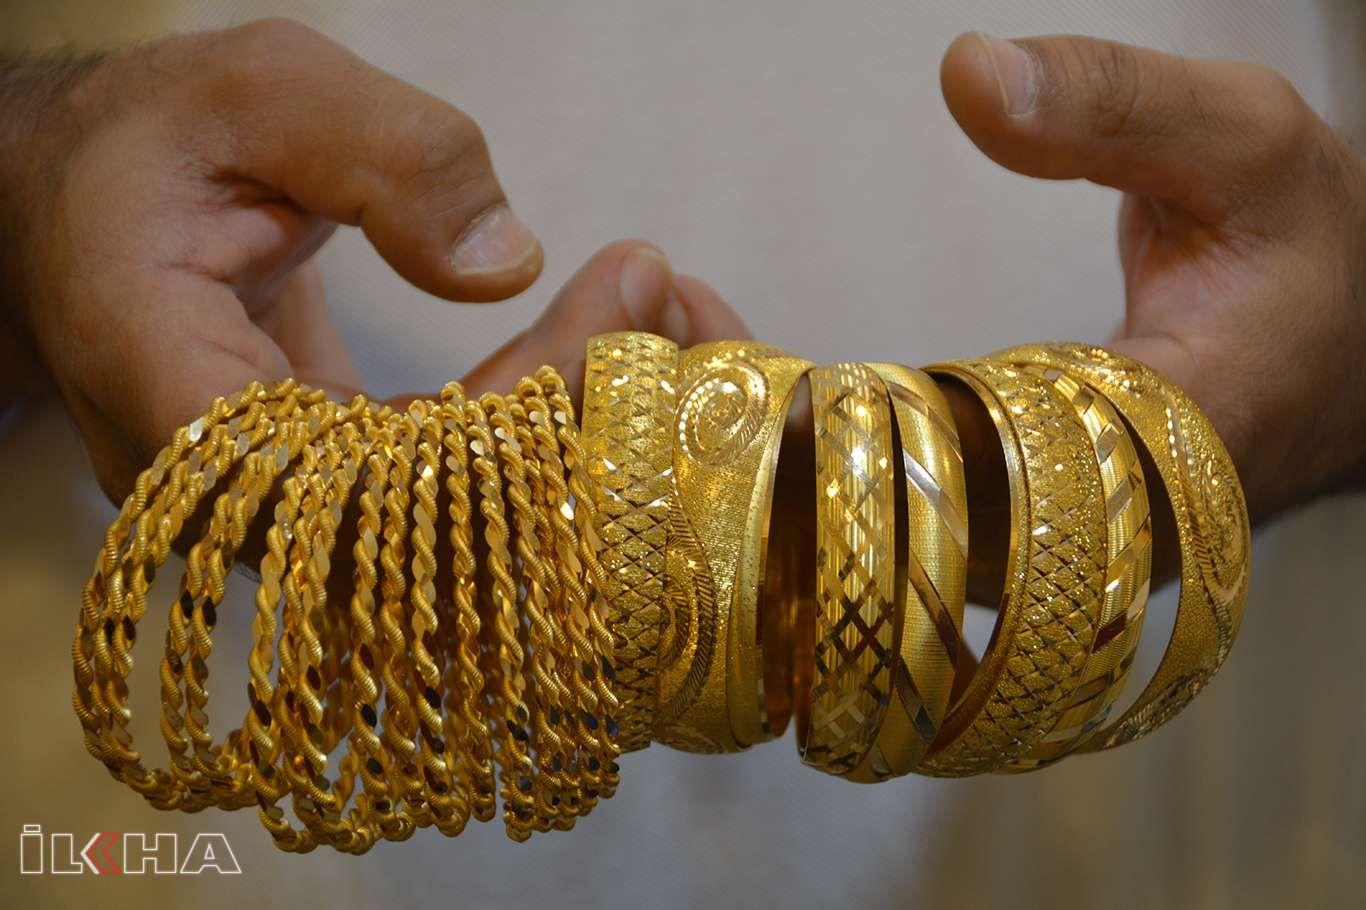 Kuyumcular: Altın fiyatlarındaki düşüş piyasayı canlandırır